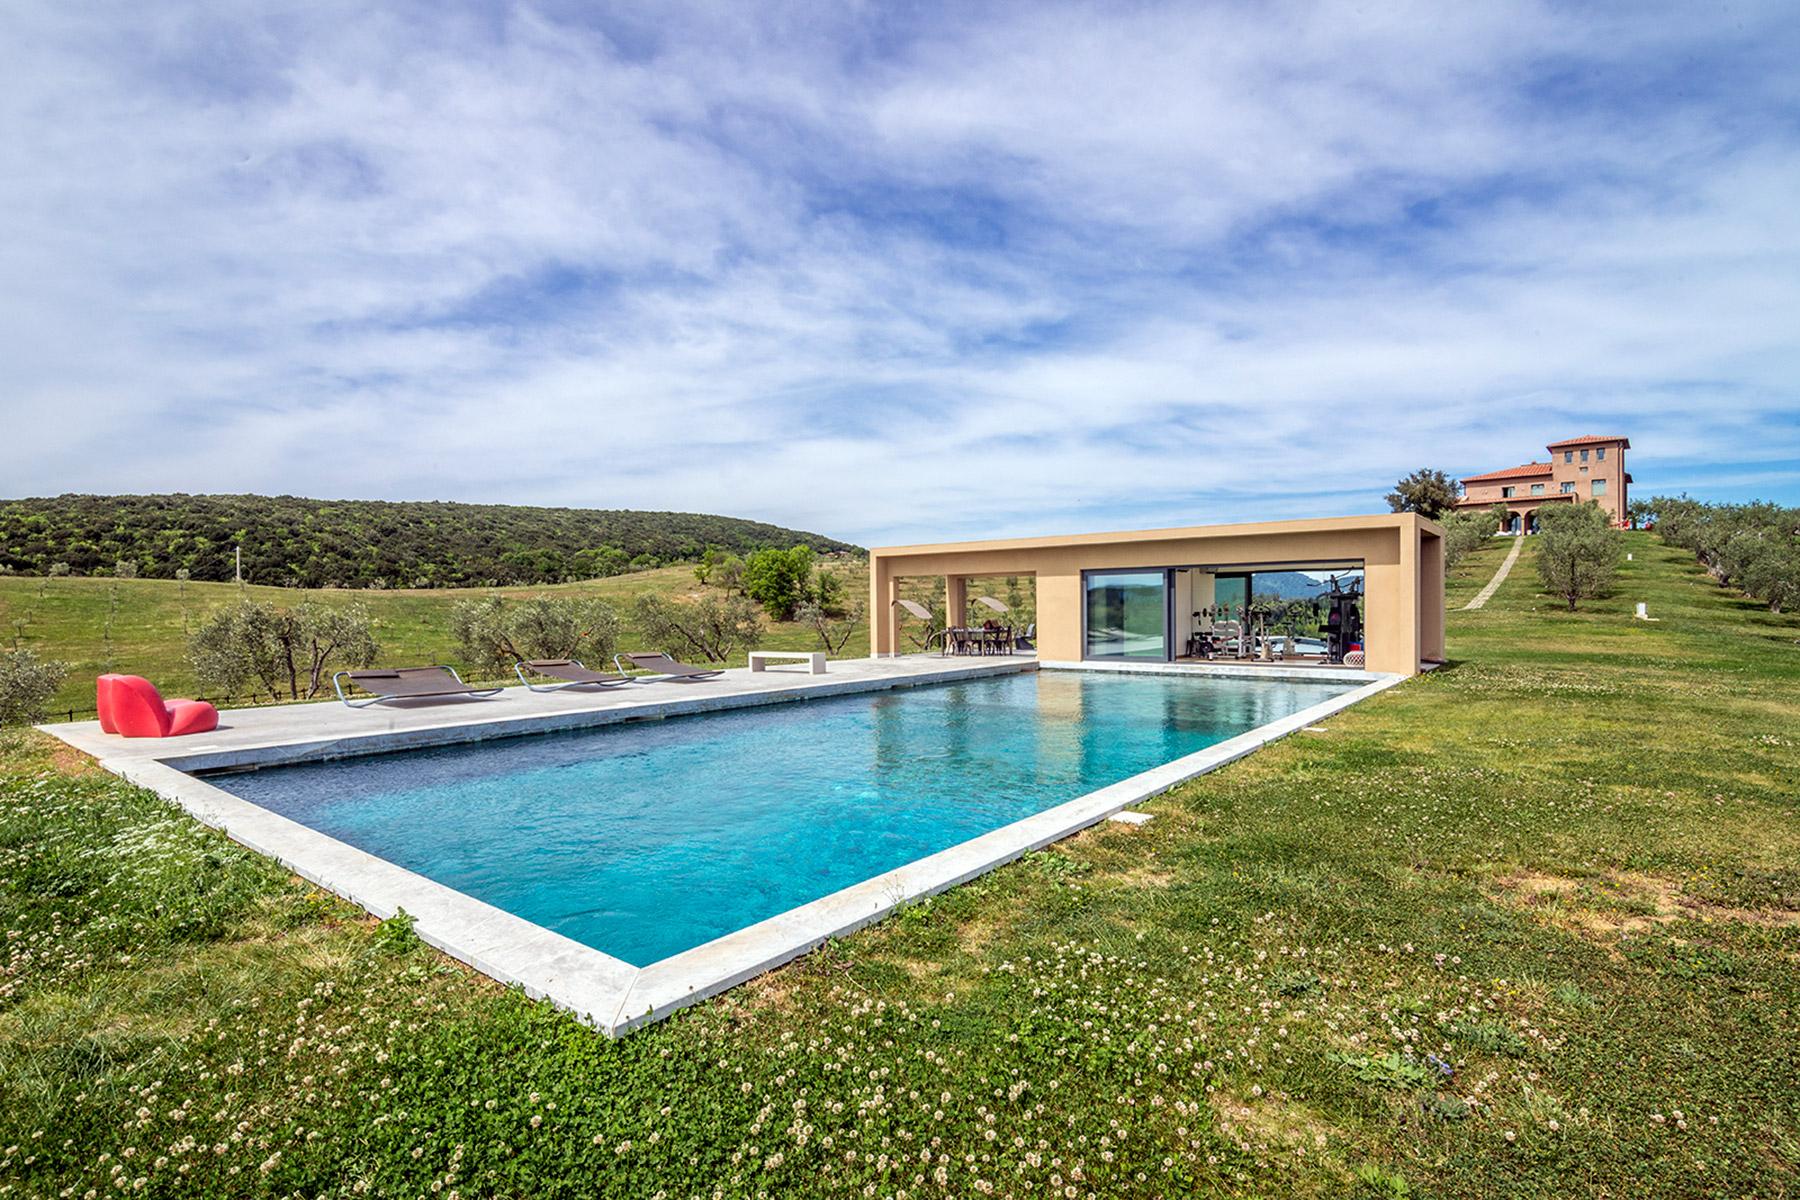 Maison unifamiliale pour l Vente à Unique luxury contemporary villa in an olive grove estate Massa Marittima, Grosseto Italie